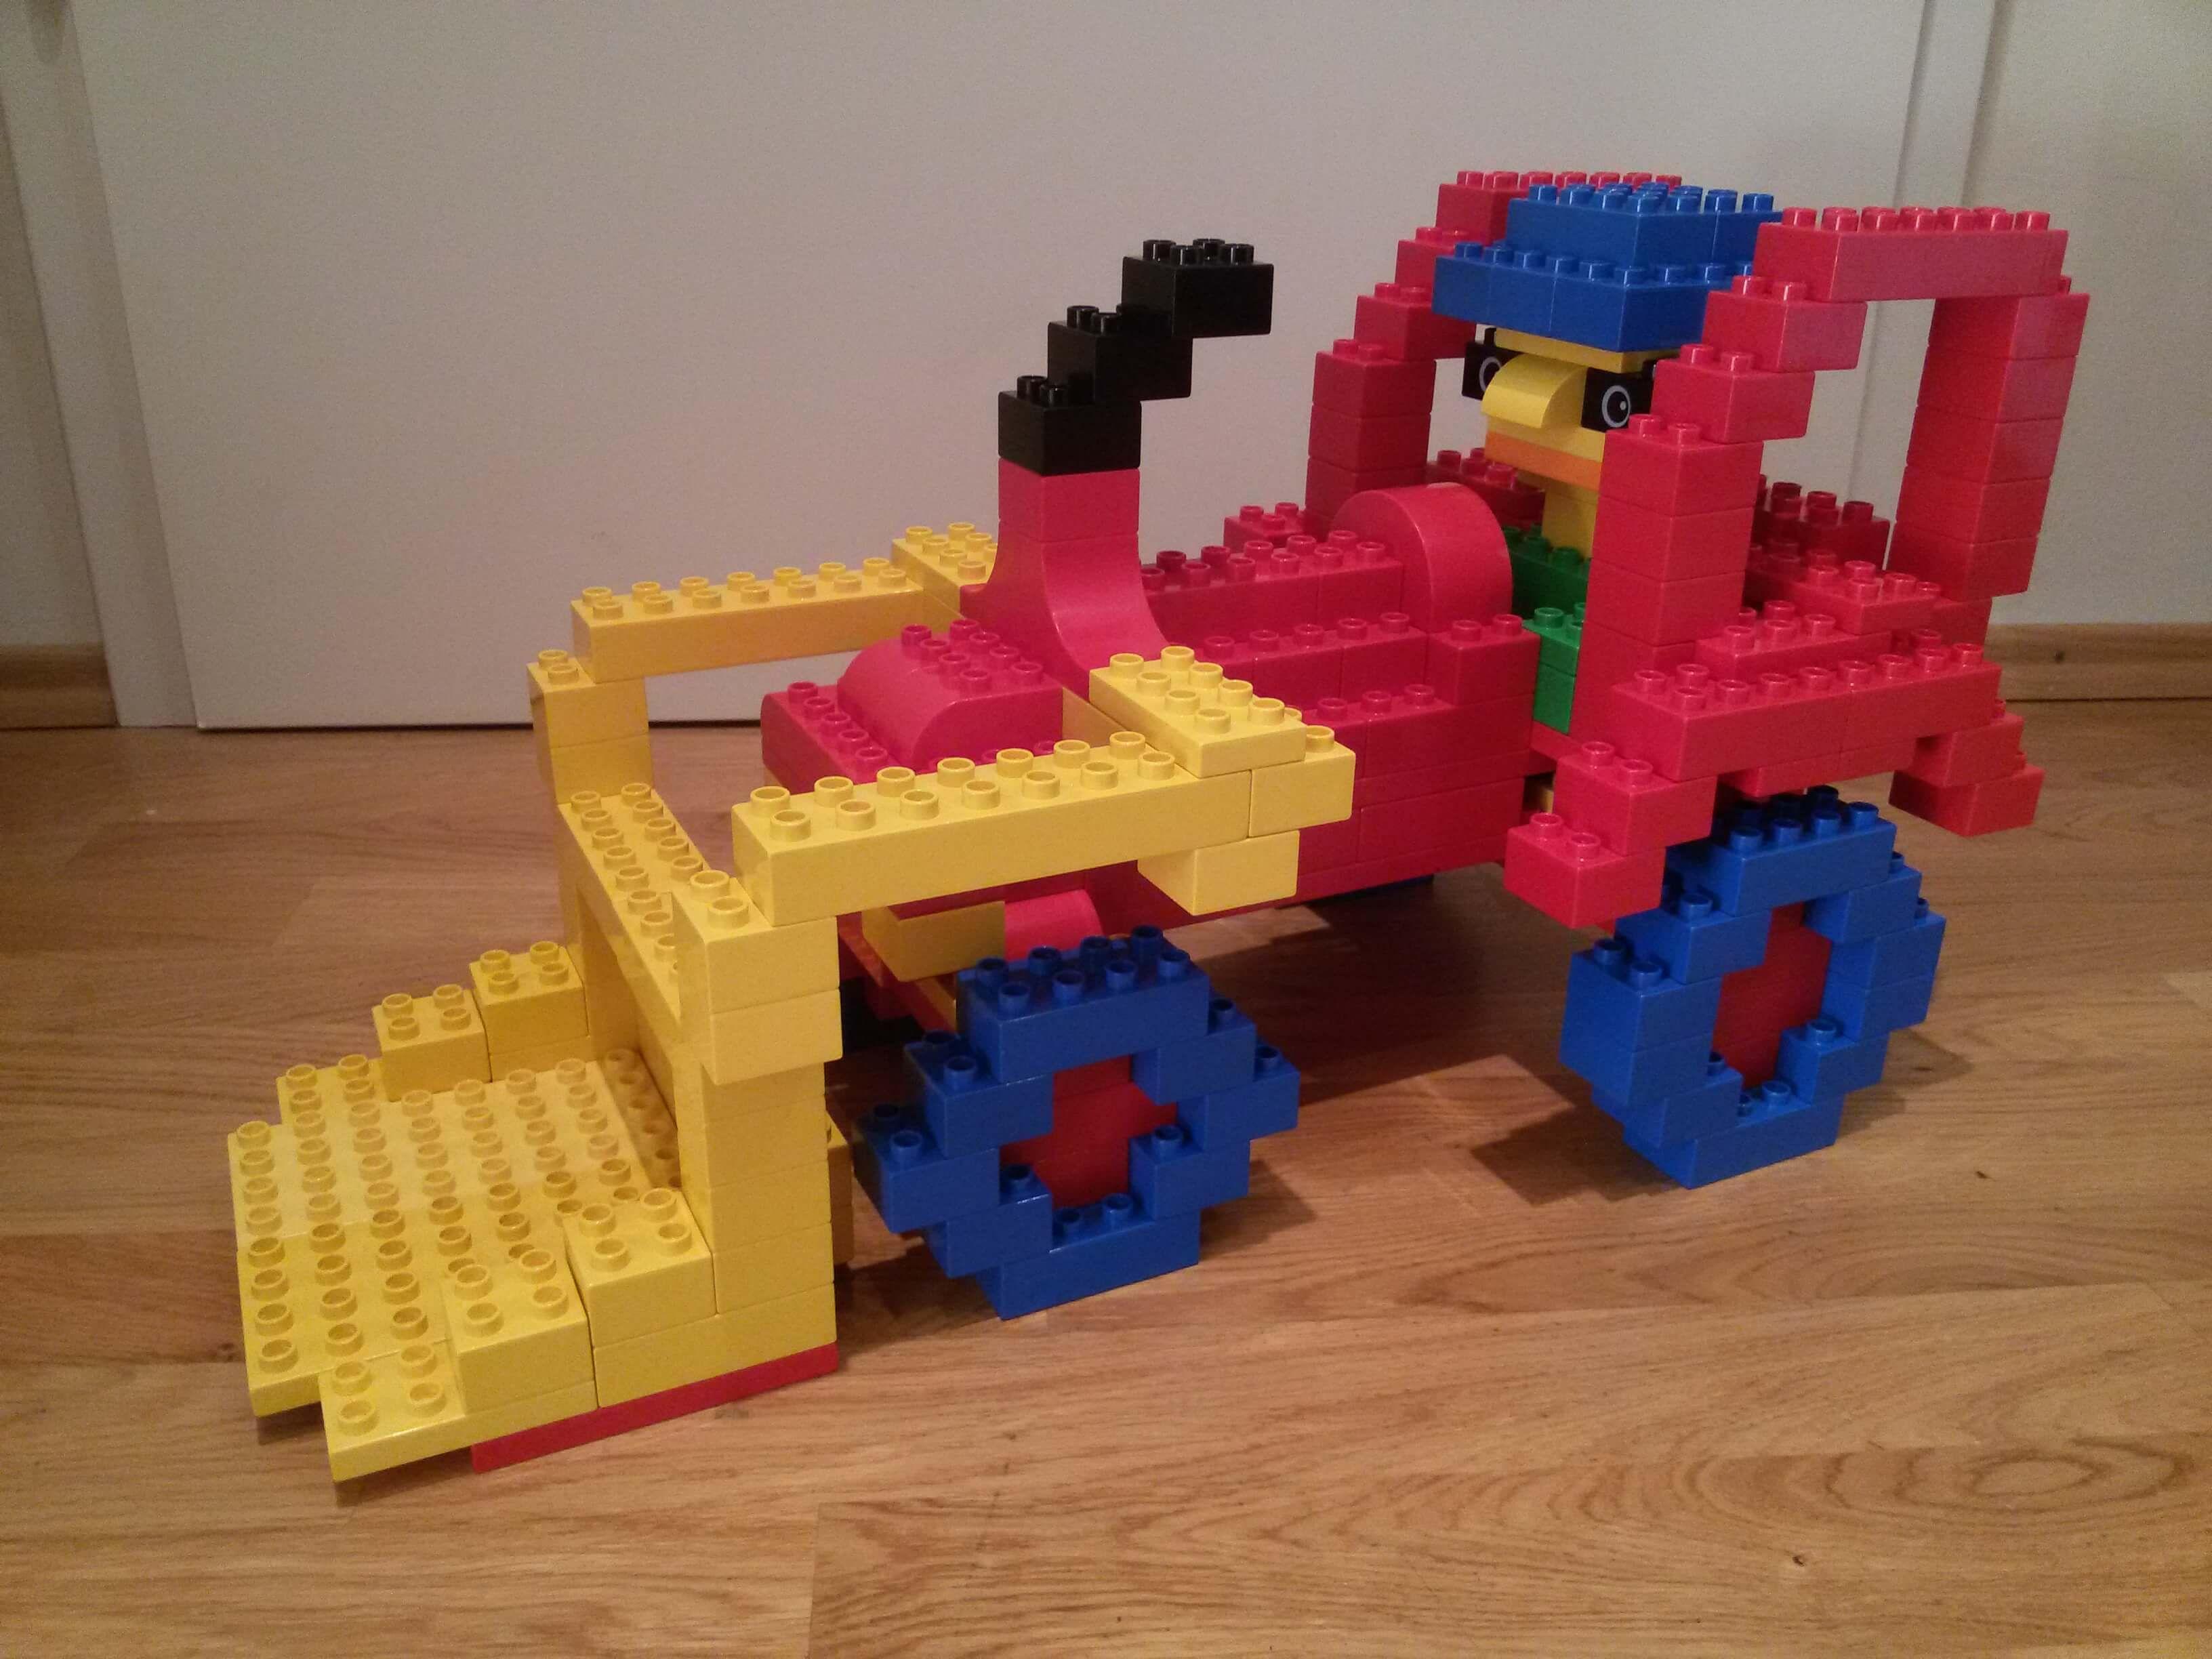 Lena starke riesen großer traktor online kaufen mifus